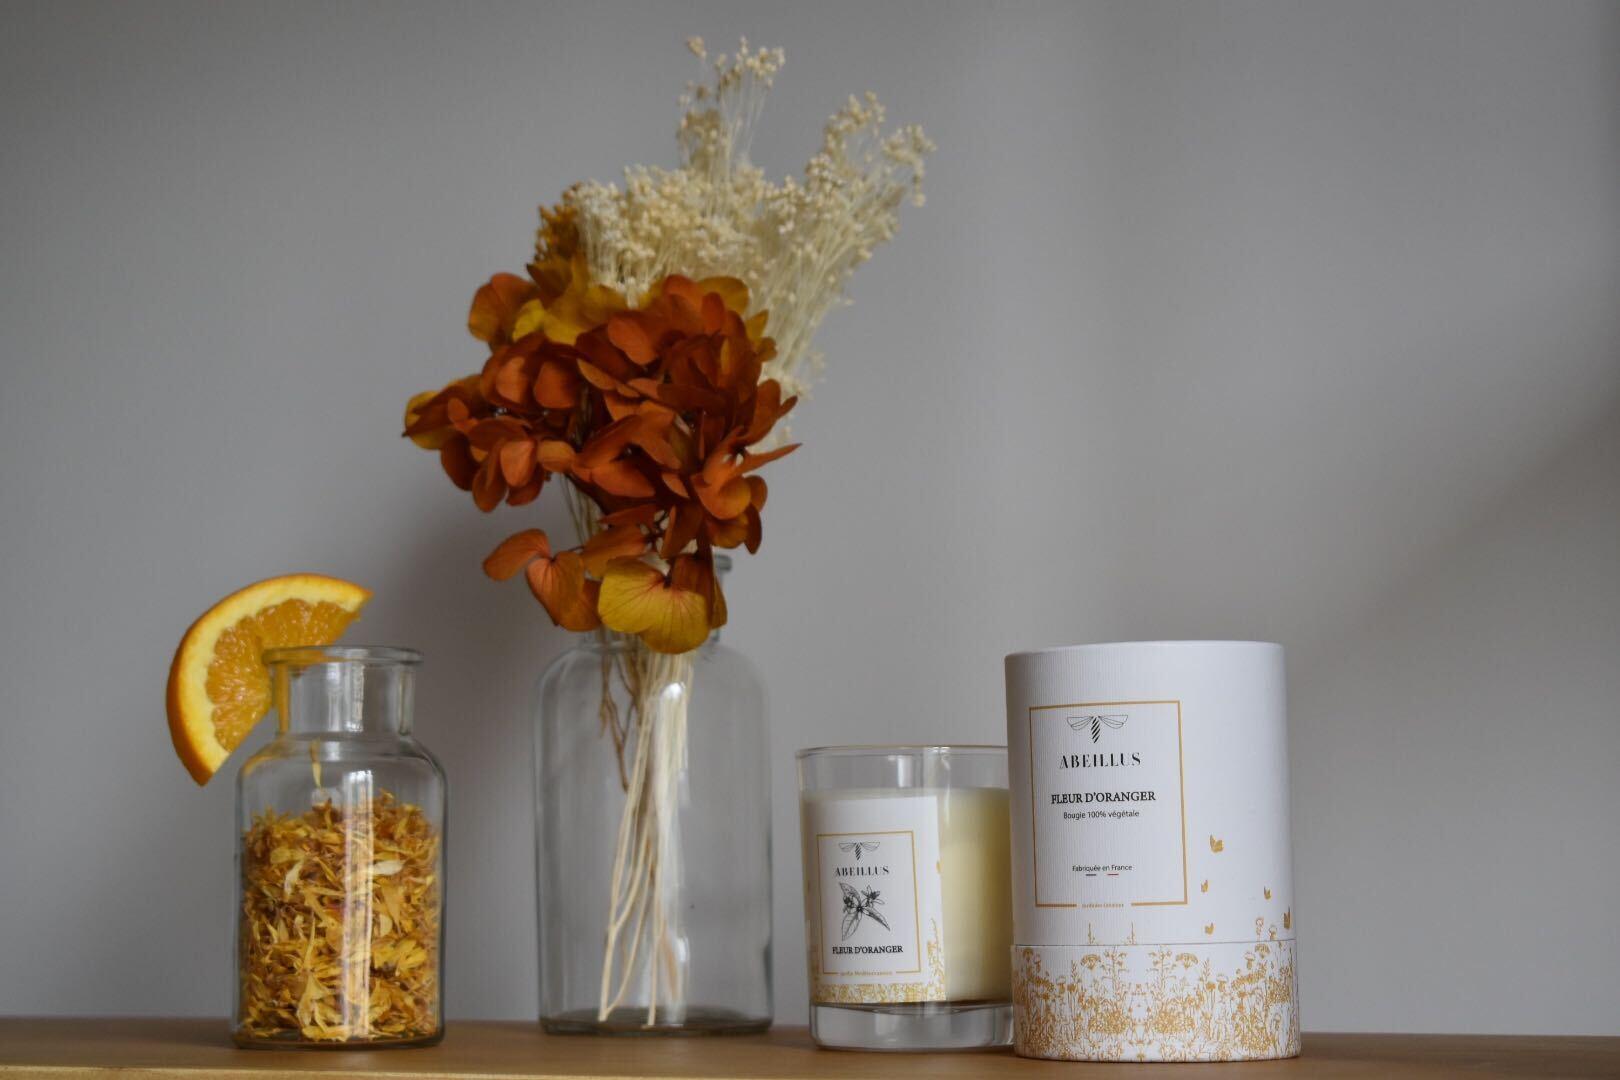 Abeillus est jardinier créateur et éditeur de bougies !